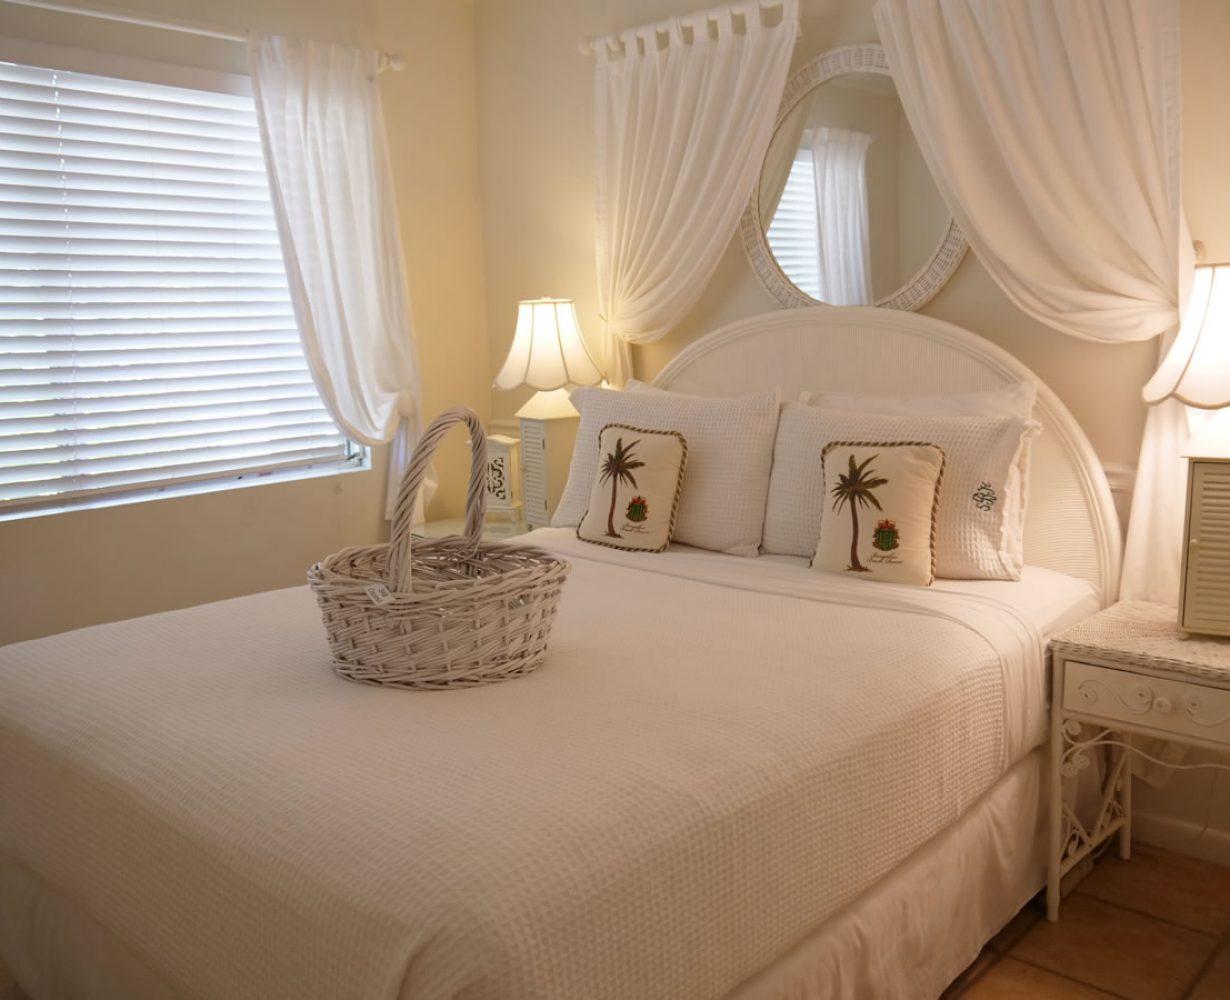 View of queen bed with basket in bedroom